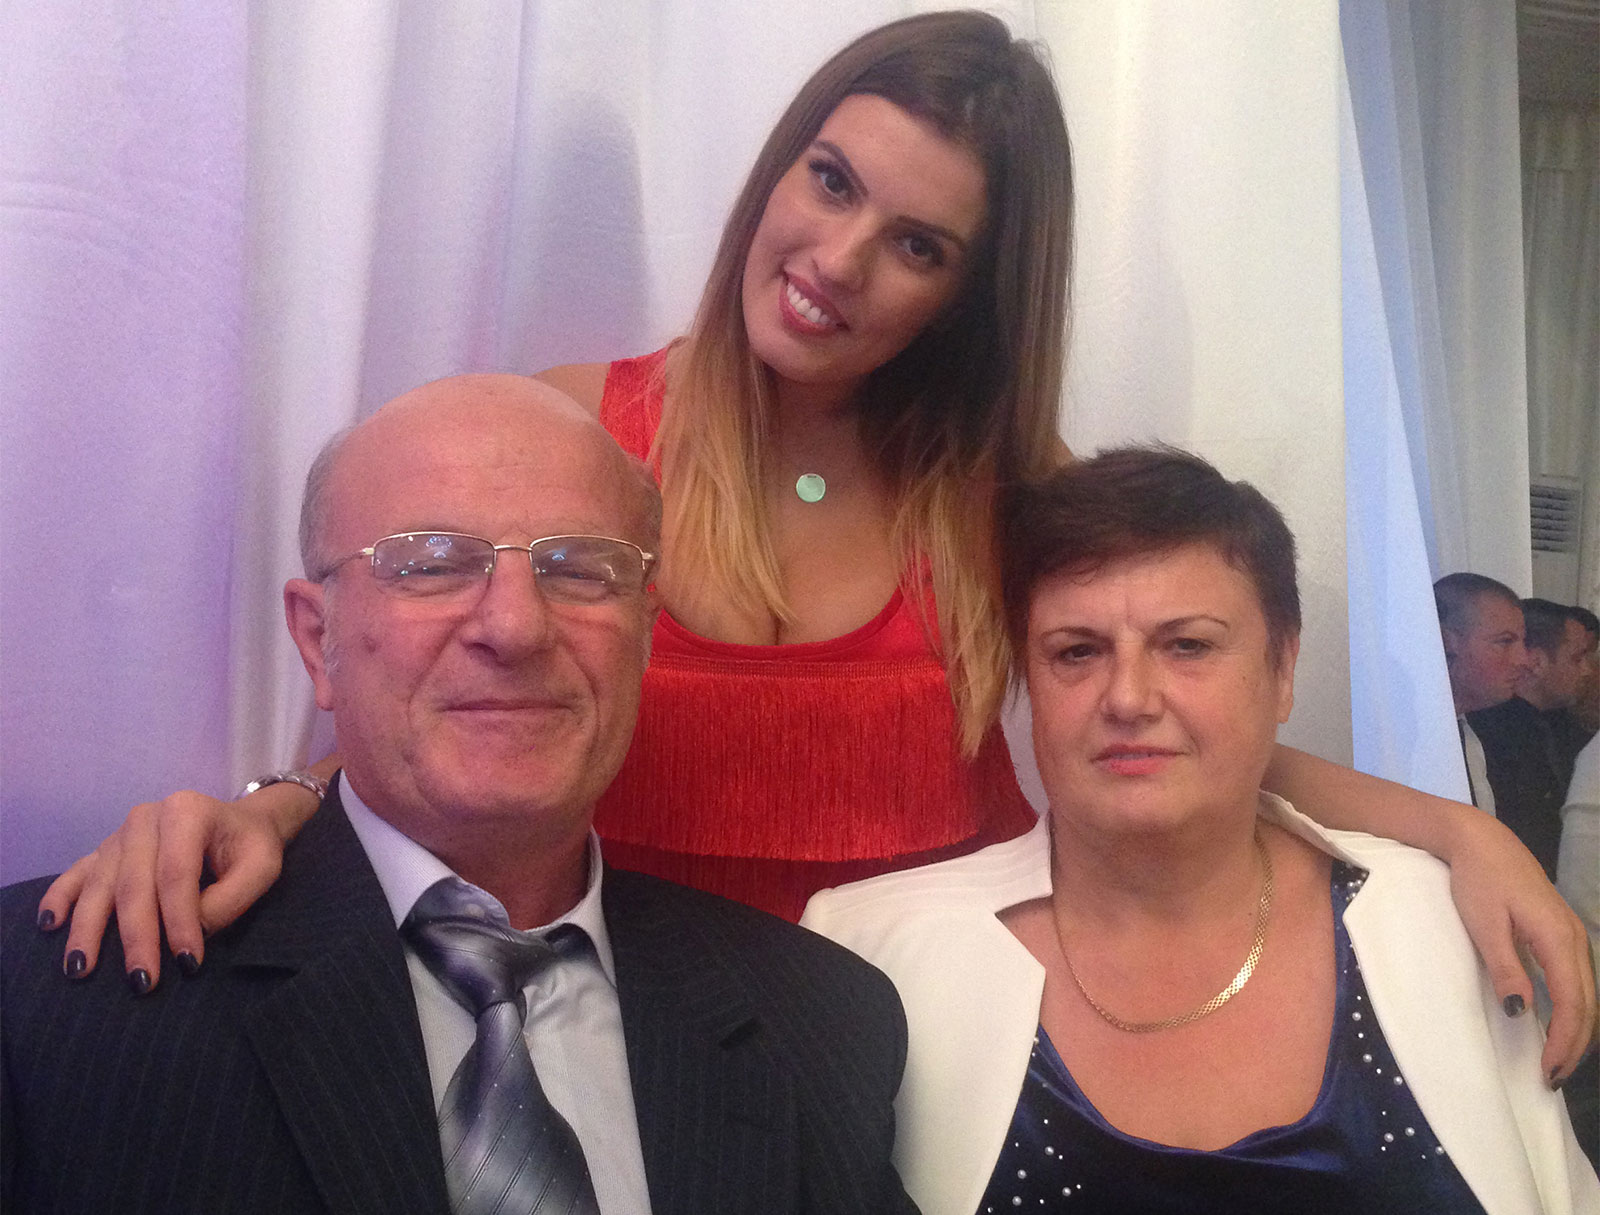 Familia Biolan - Ioan, Florența (dreapta) și fiica lor cea mică, Florentina, prezenți la unul dintre evenimentele grupului